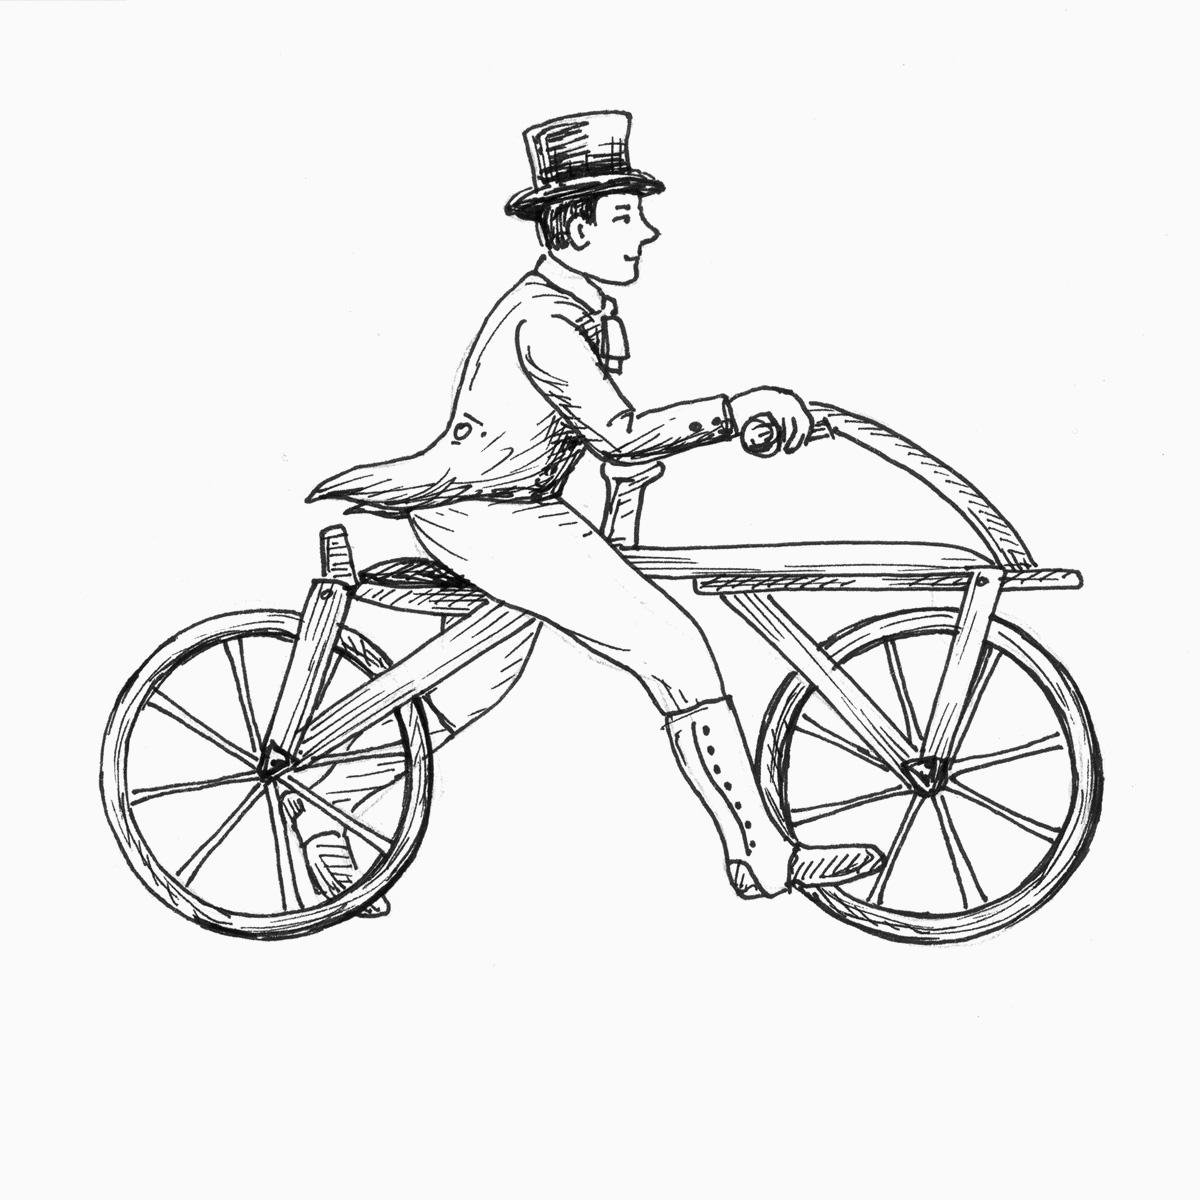 Erfinder Karl von Drais auf seiner Lauf-Maschine (Zeichnung)